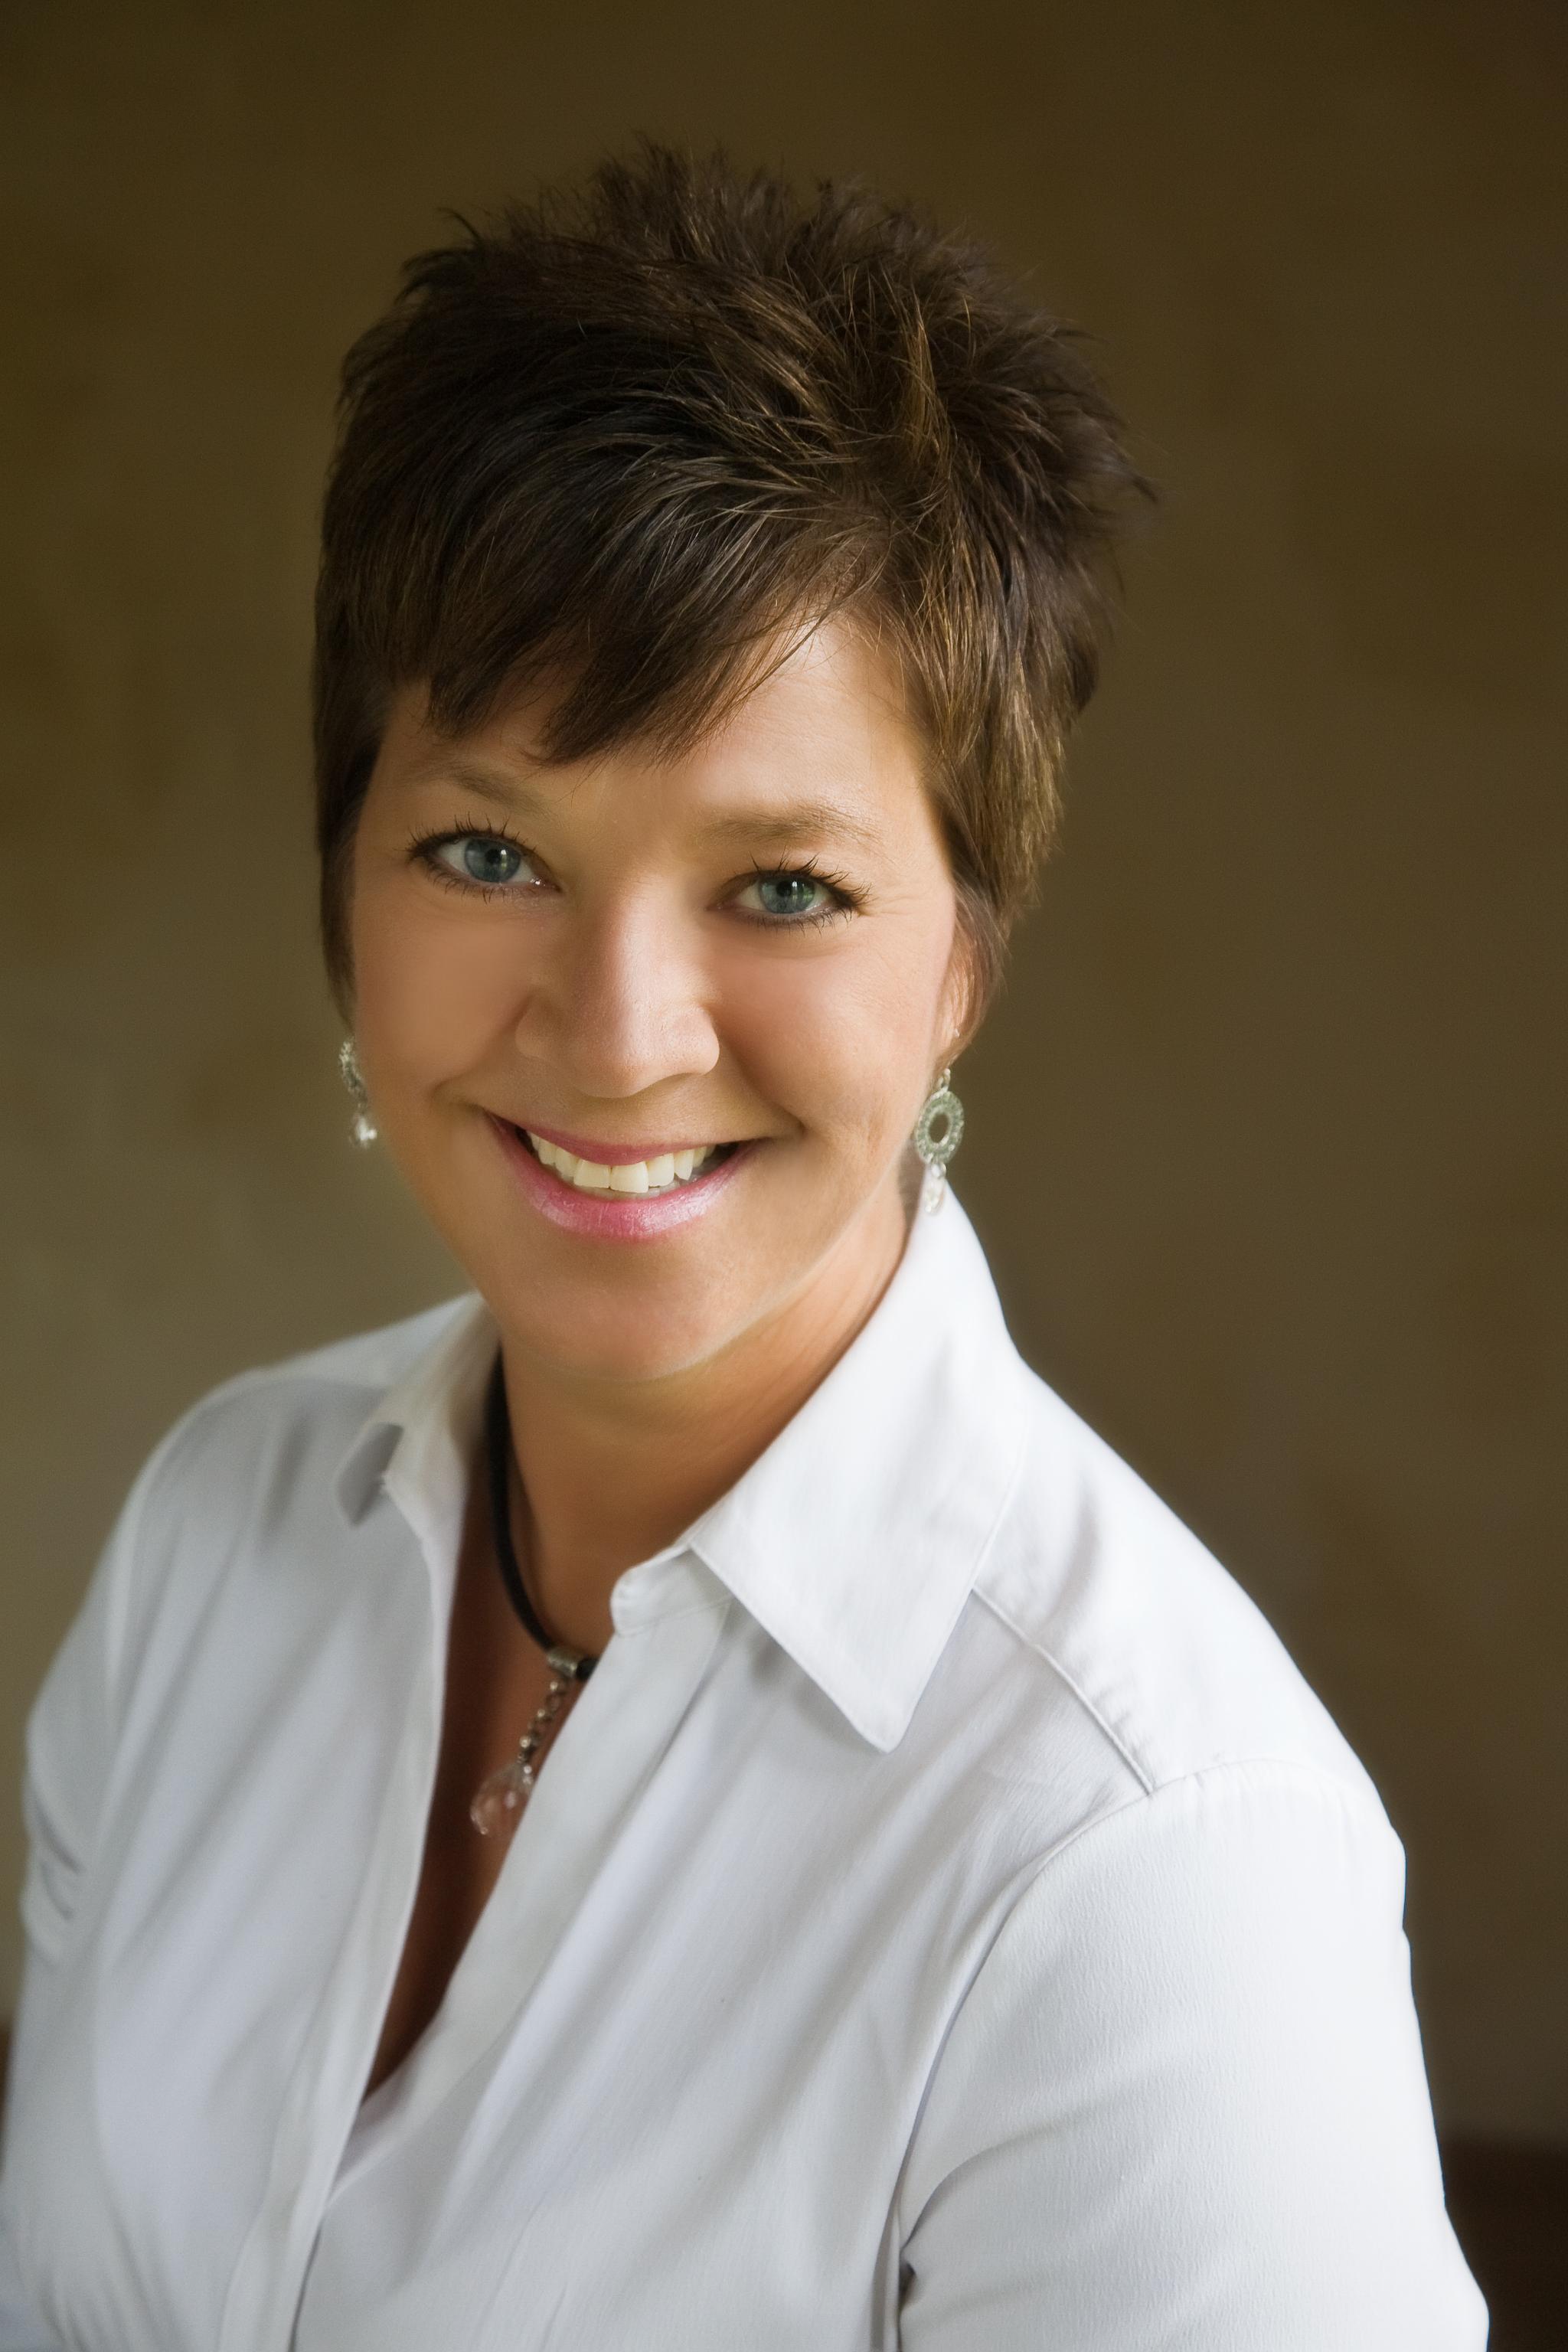 Gina Meier